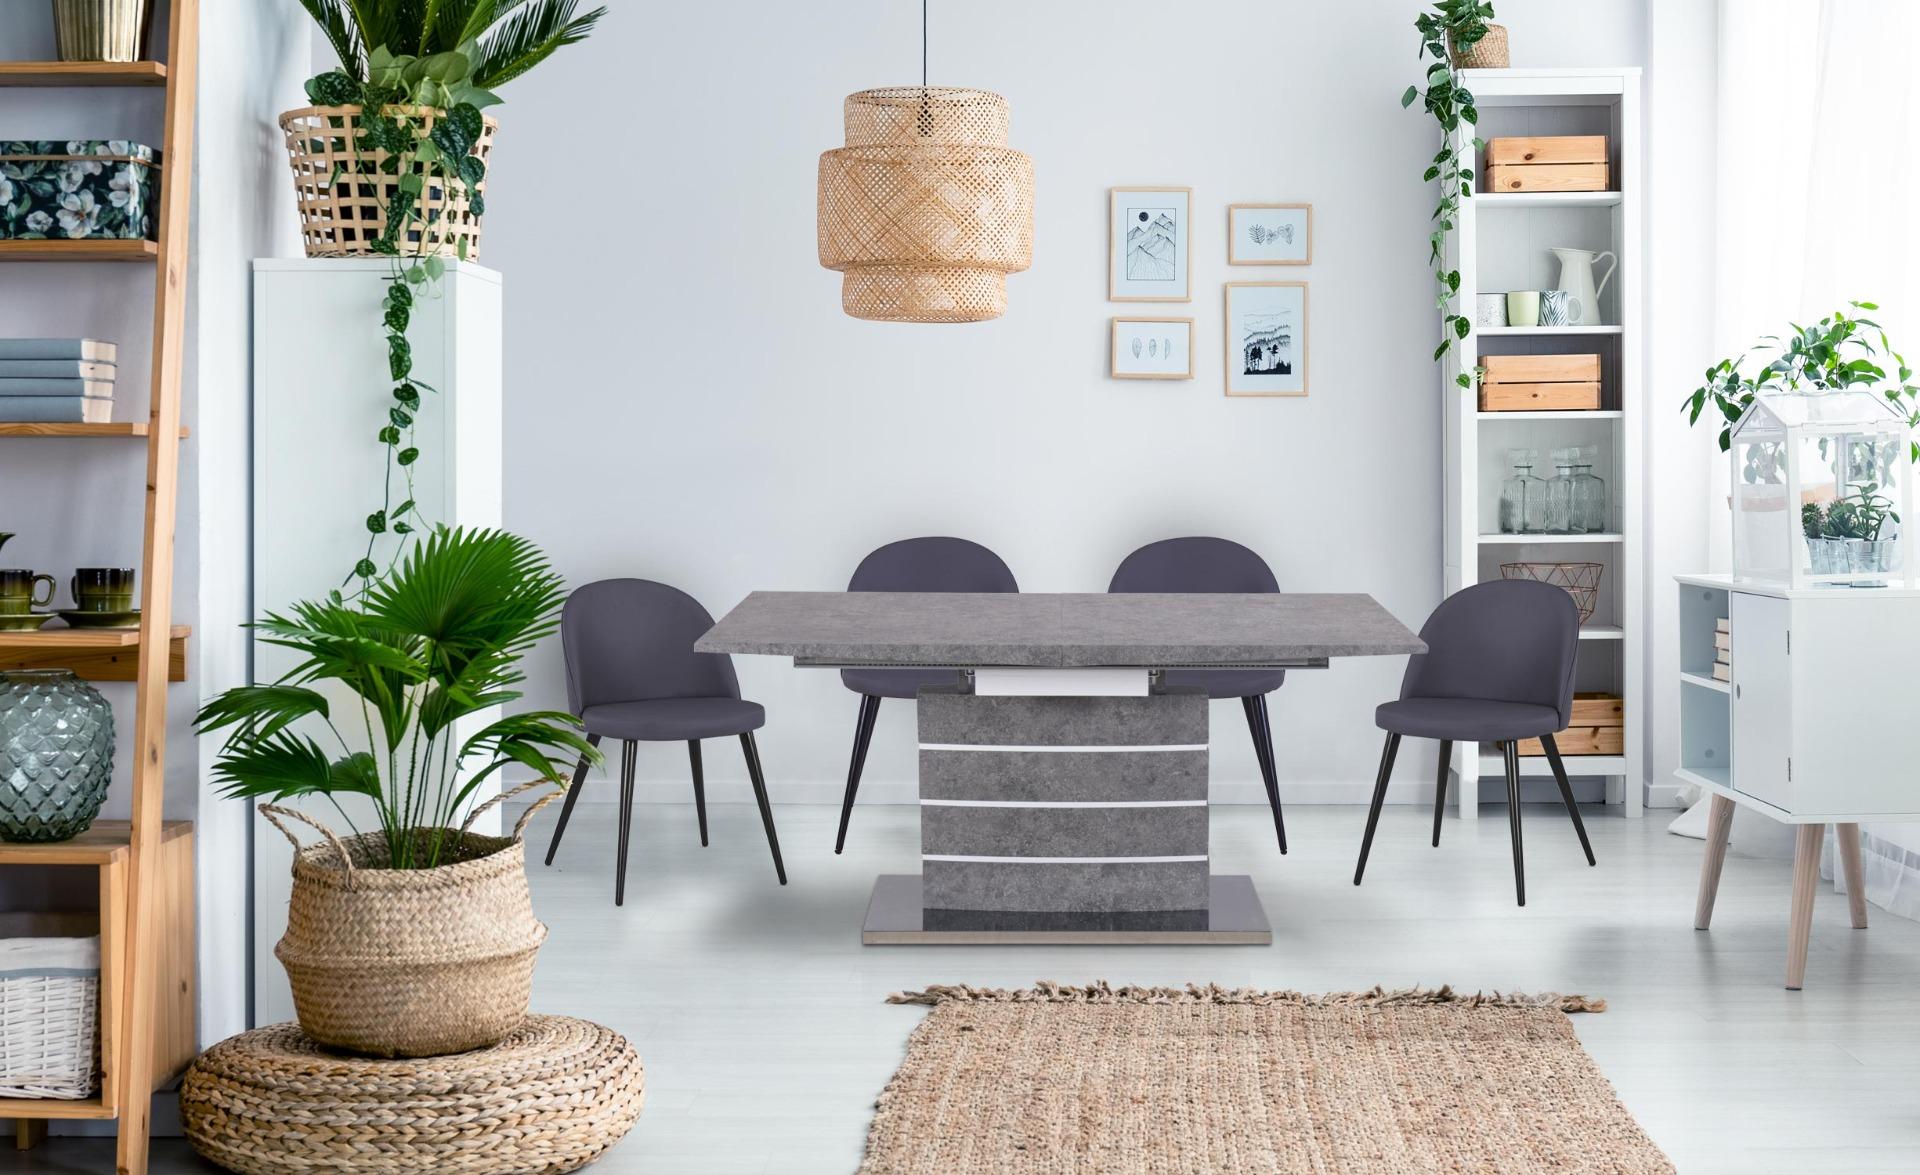 Bilma uitschuifbare tafel Betoneffect